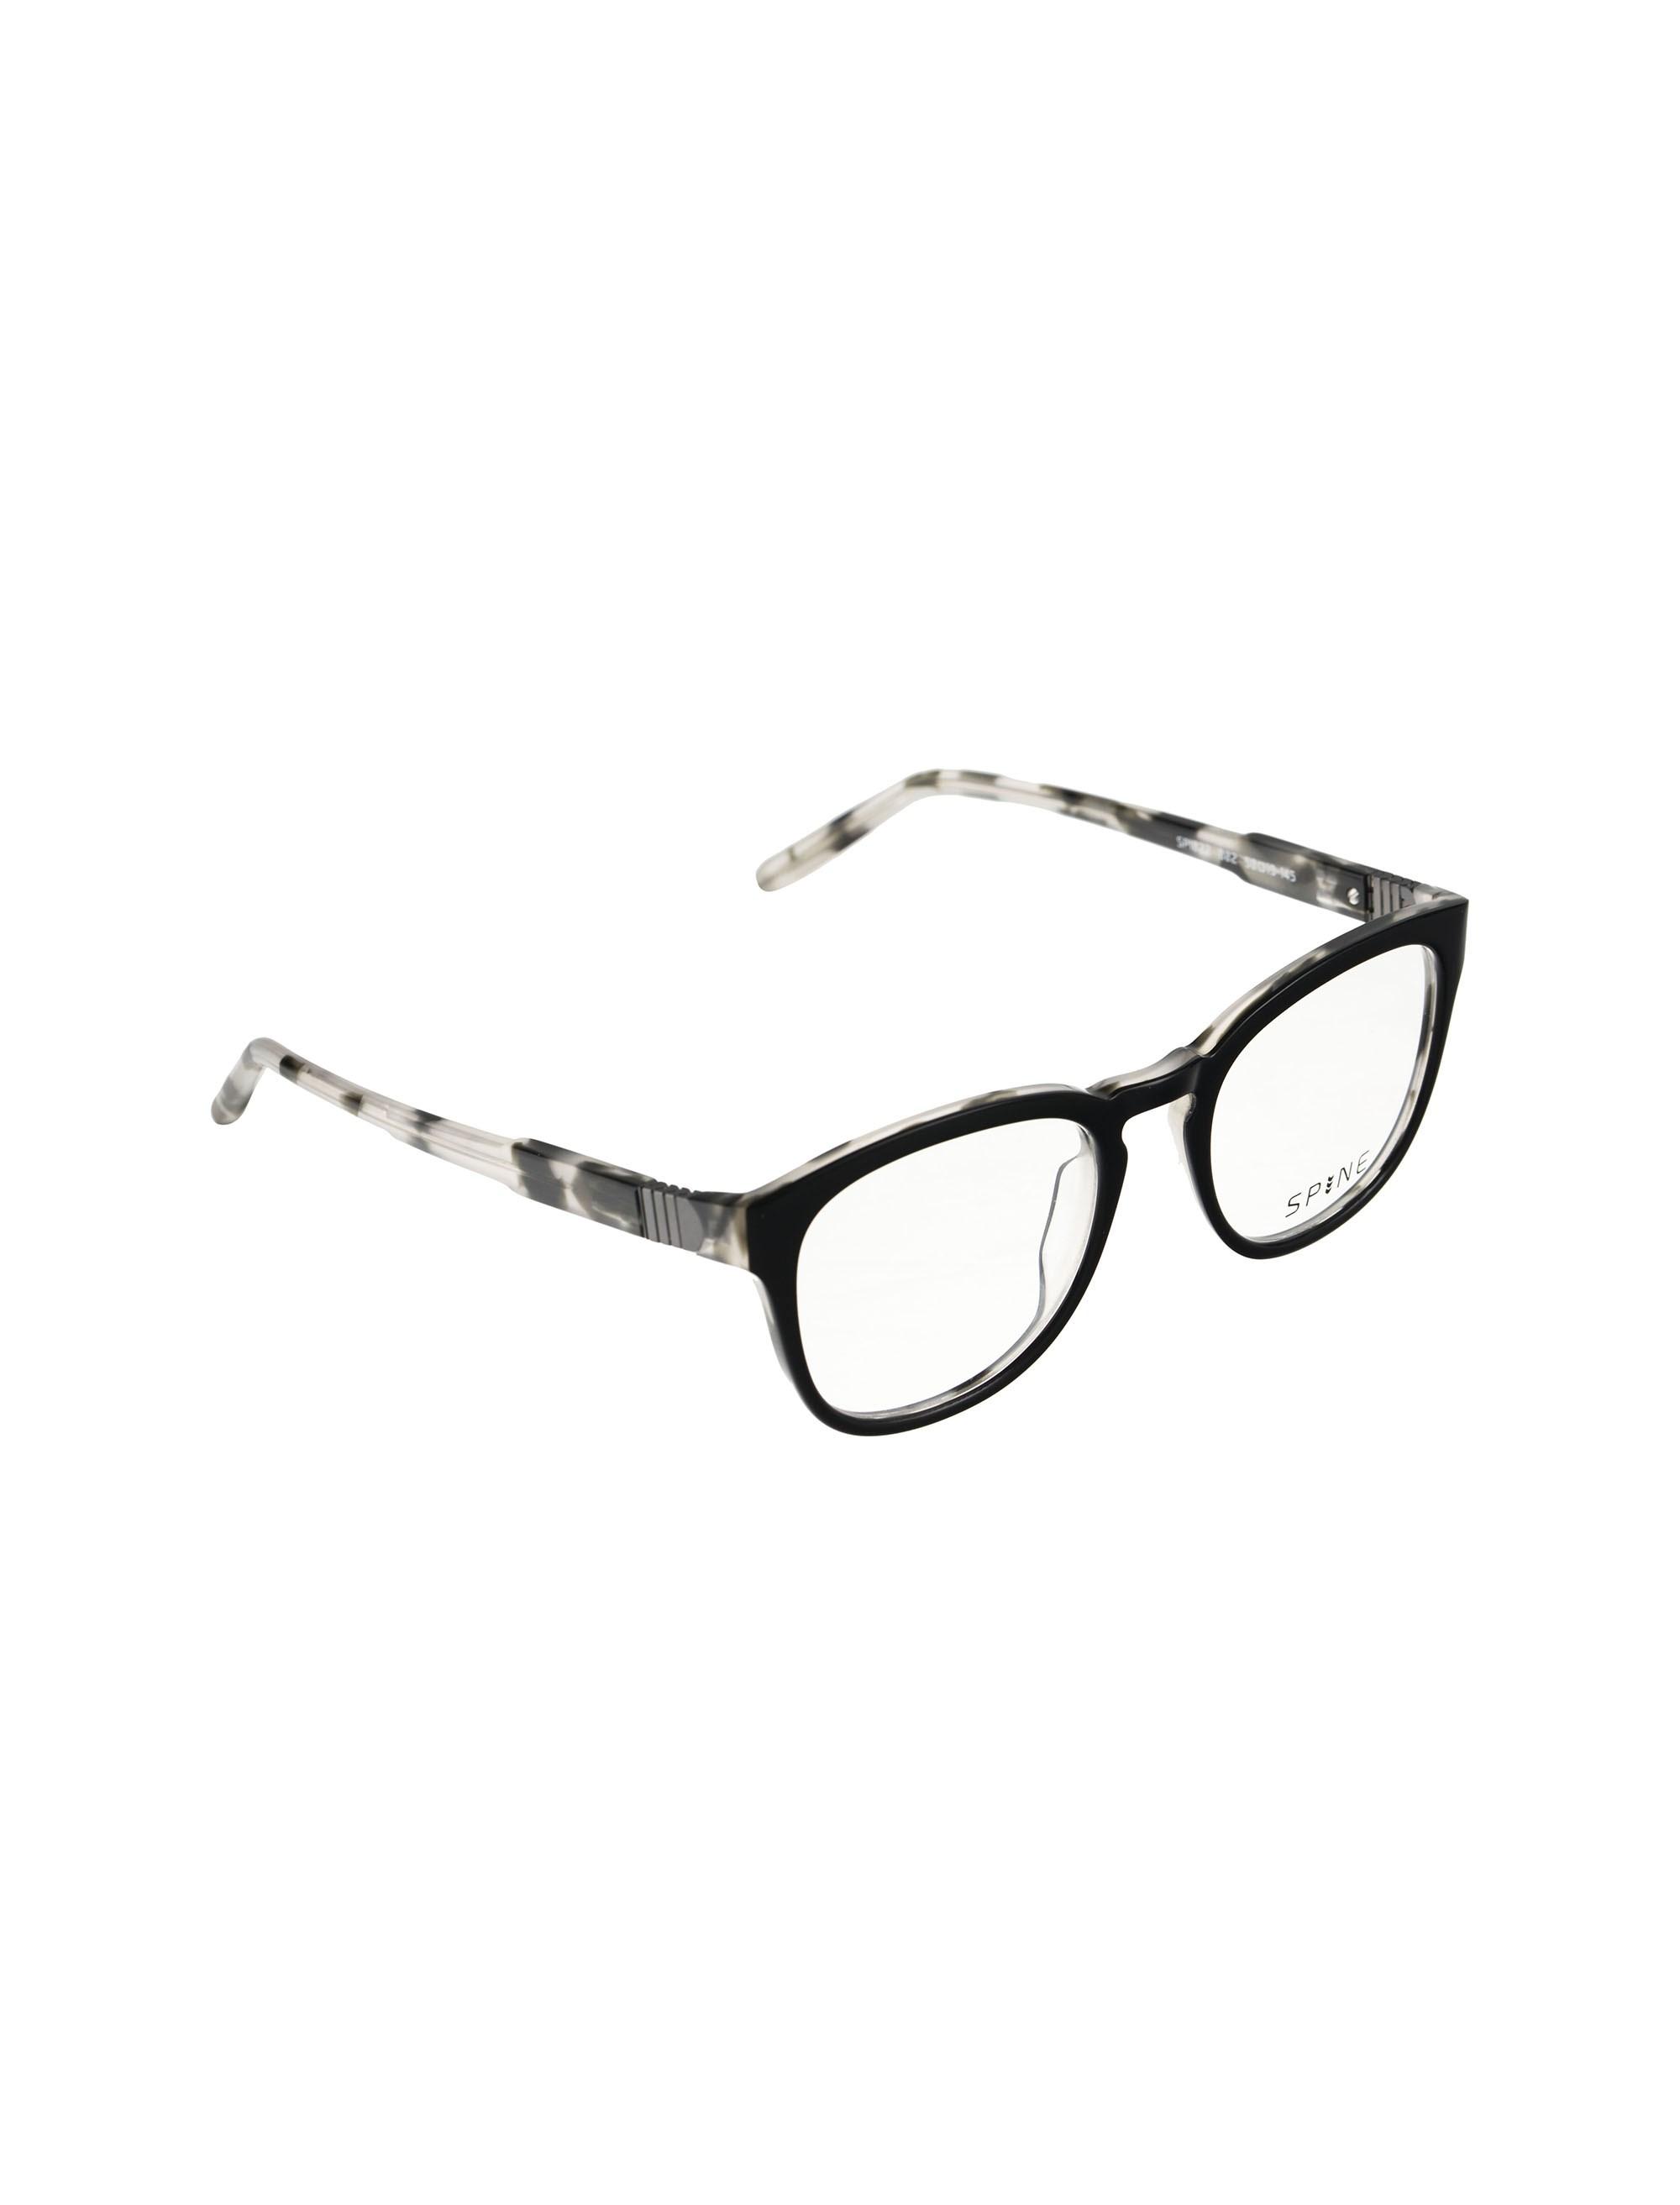 عینک طبی ویفرر زنانه